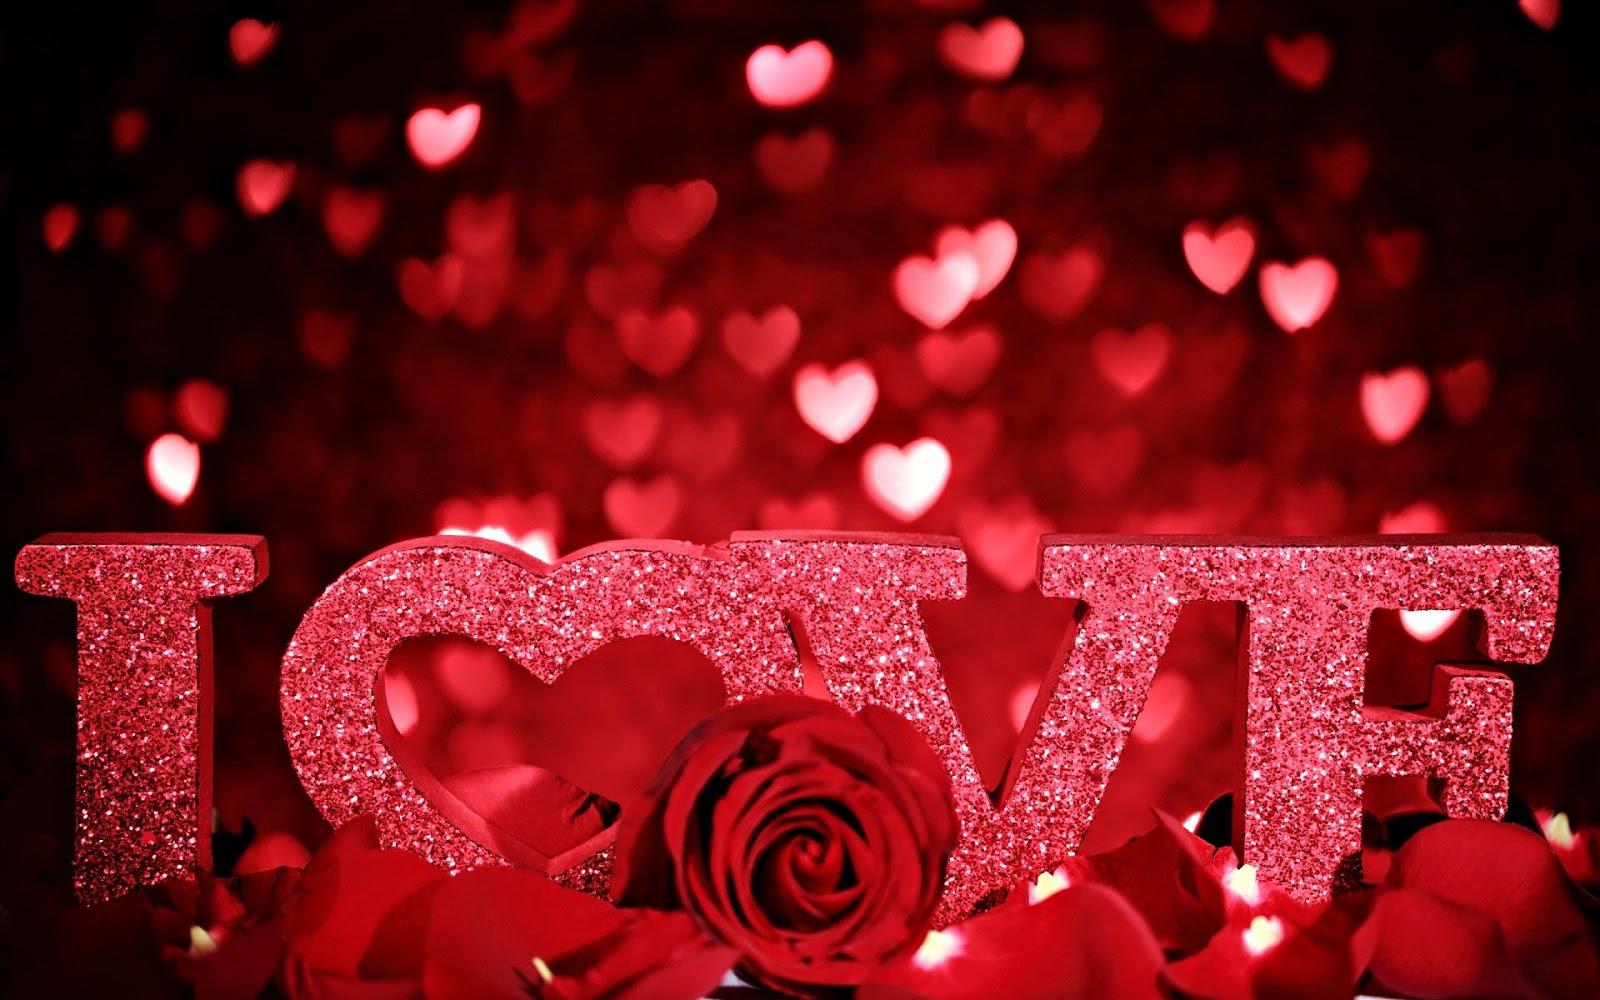 بالصور صور حب جديده , اجدد واجمل الصور الرومانسية 4368 1